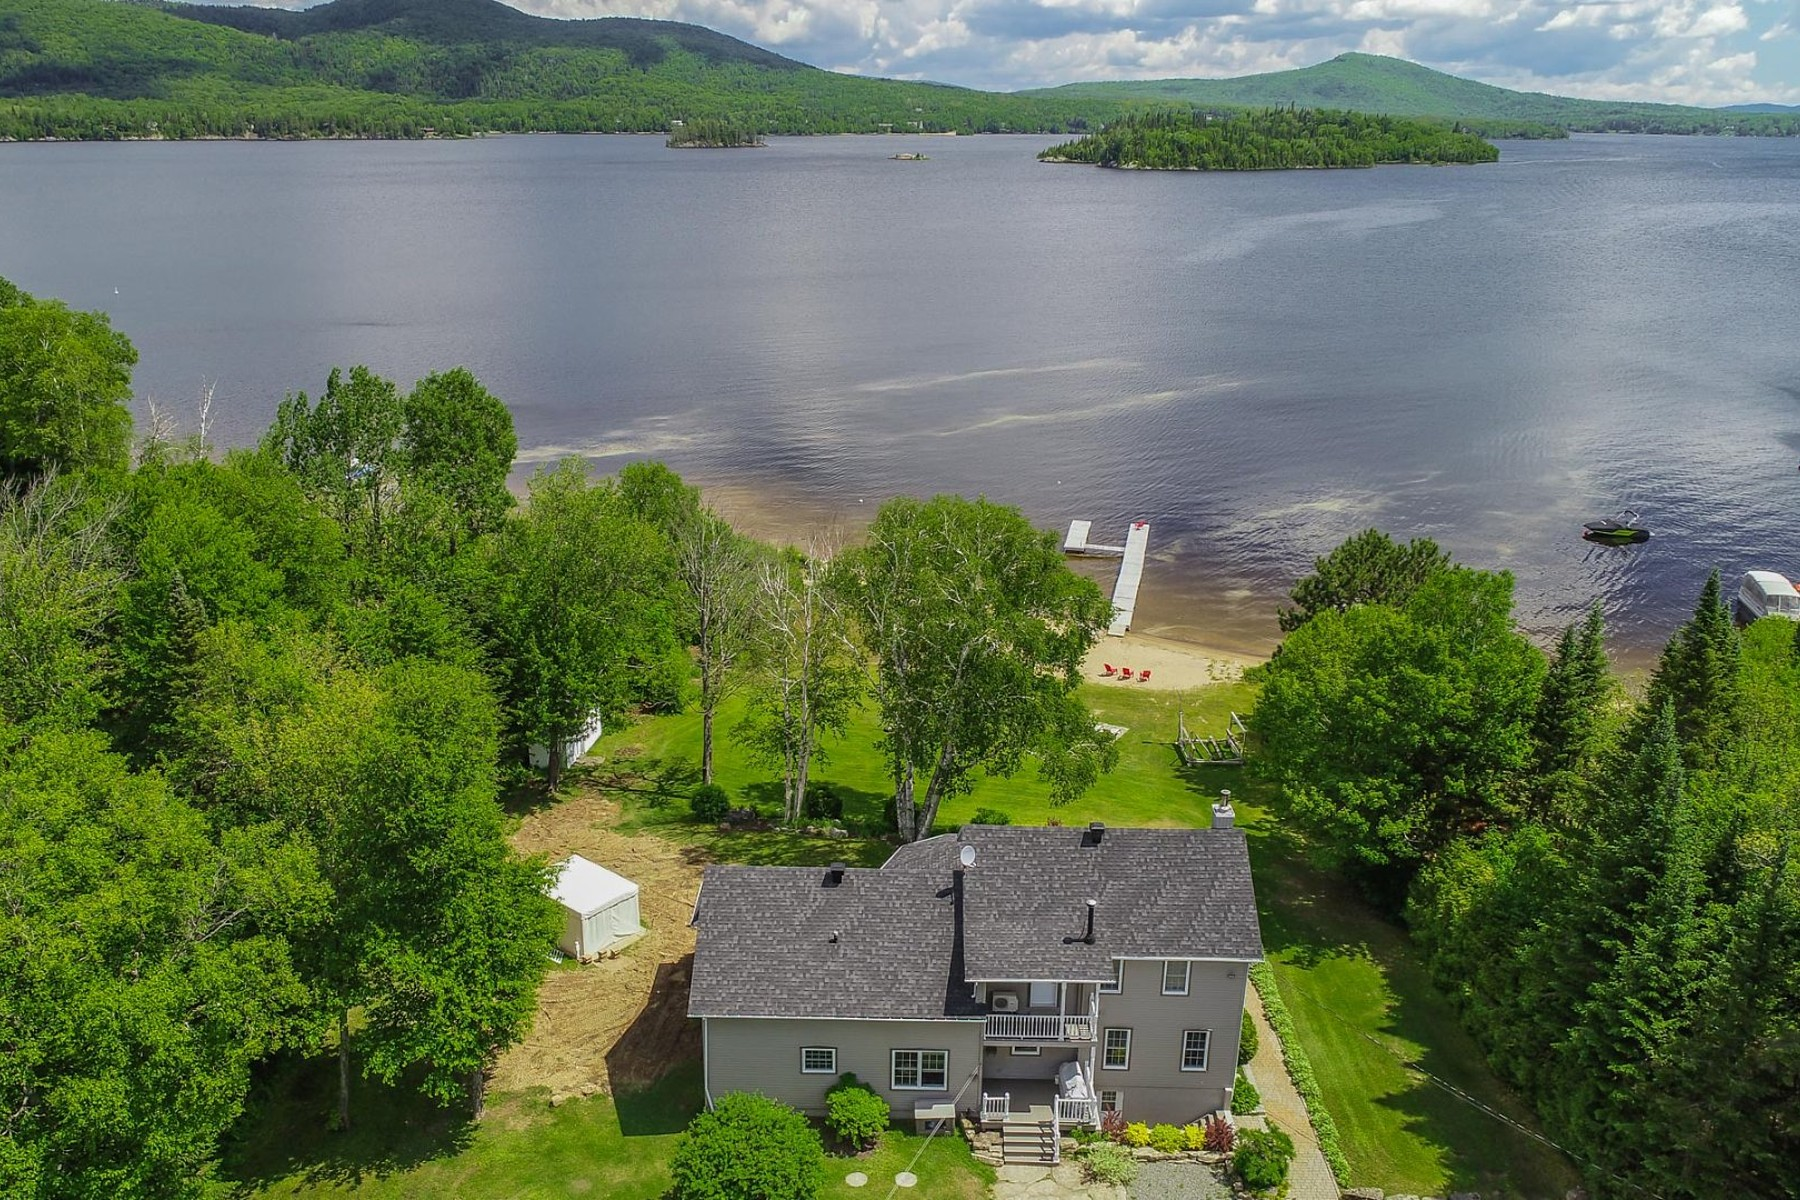 Single Family Homes for Sale at Saint-Donat, Lanaudière 2147 Route 125 S. Saint-Donat, Quebec J0T2C0 Canada